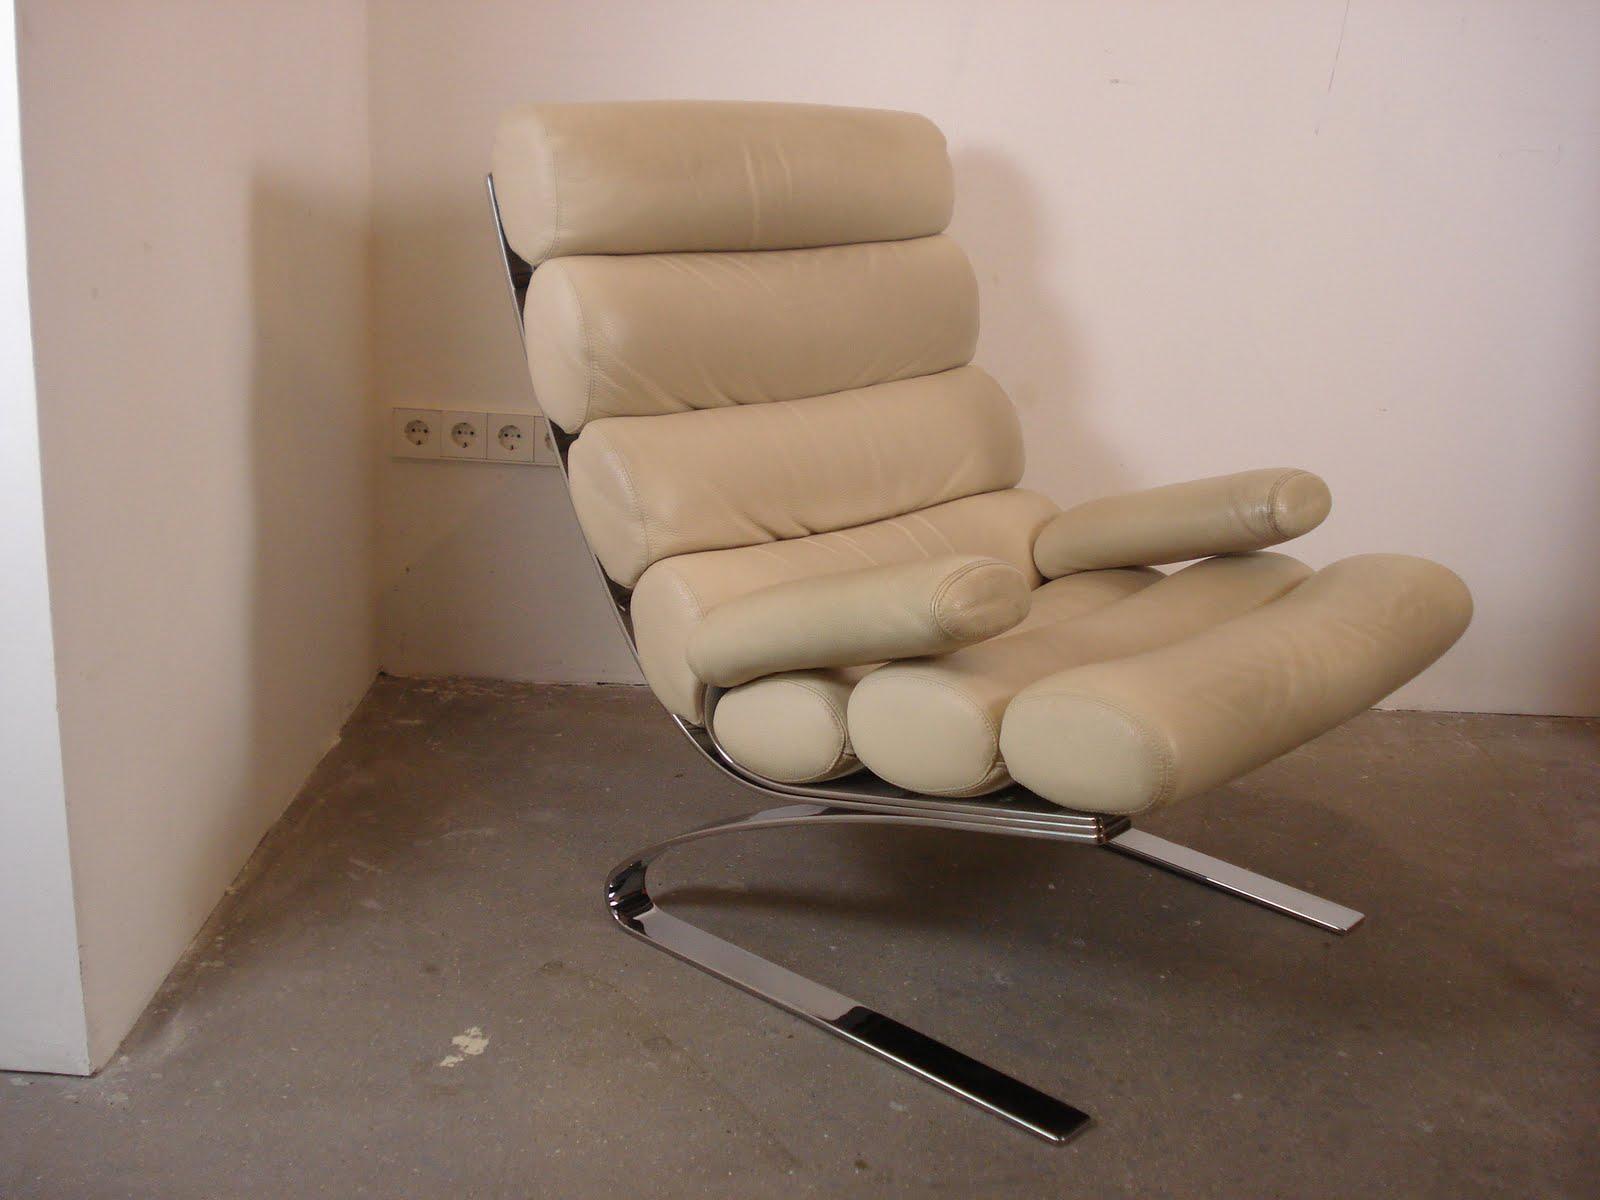 tolve art design cor sinus sold. Black Bedroom Furniture Sets. Home Design Ideas